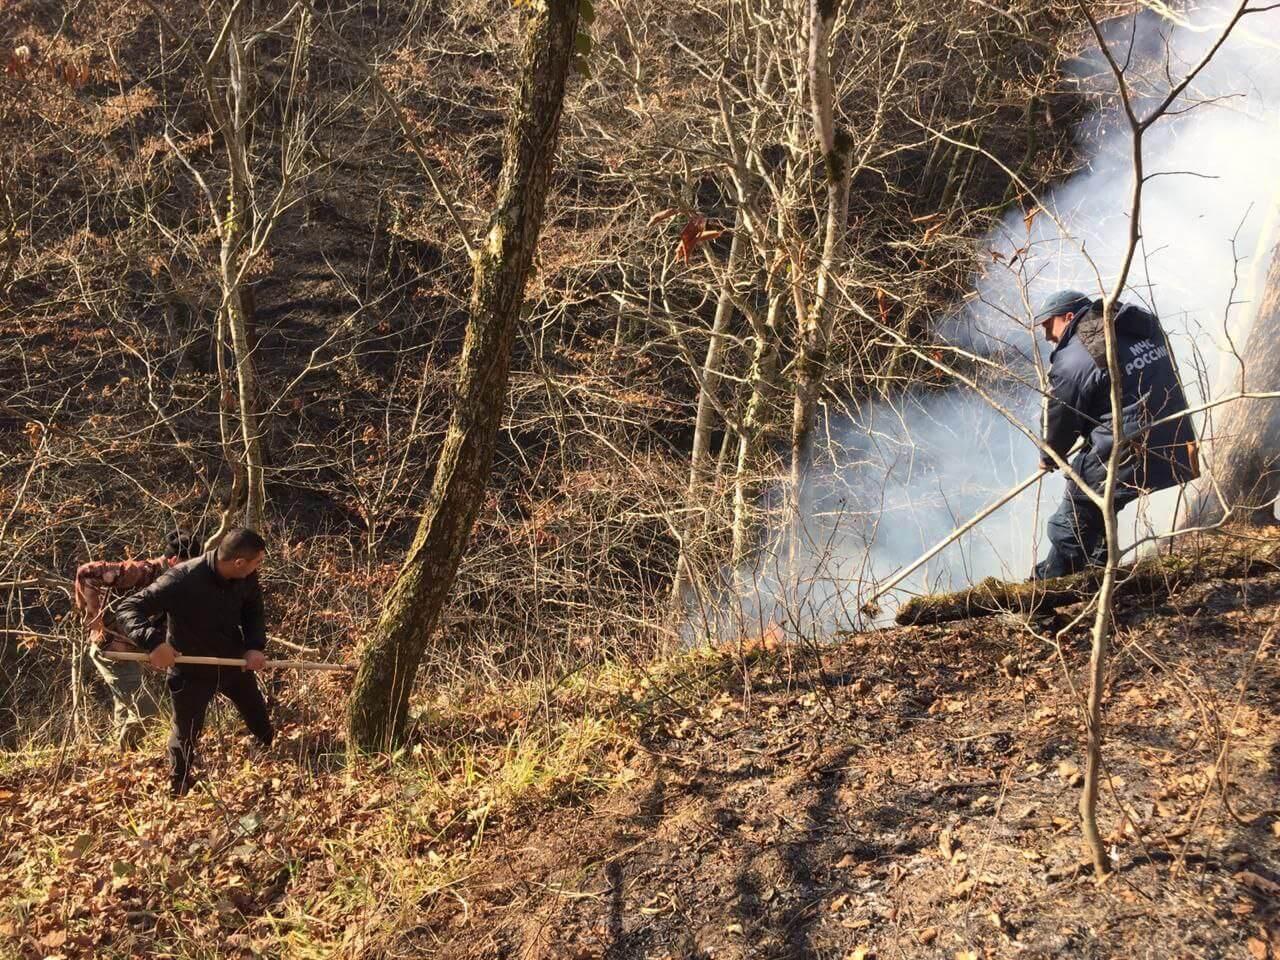 В горах Сочи спасатели полностью потушили два лесных пожара